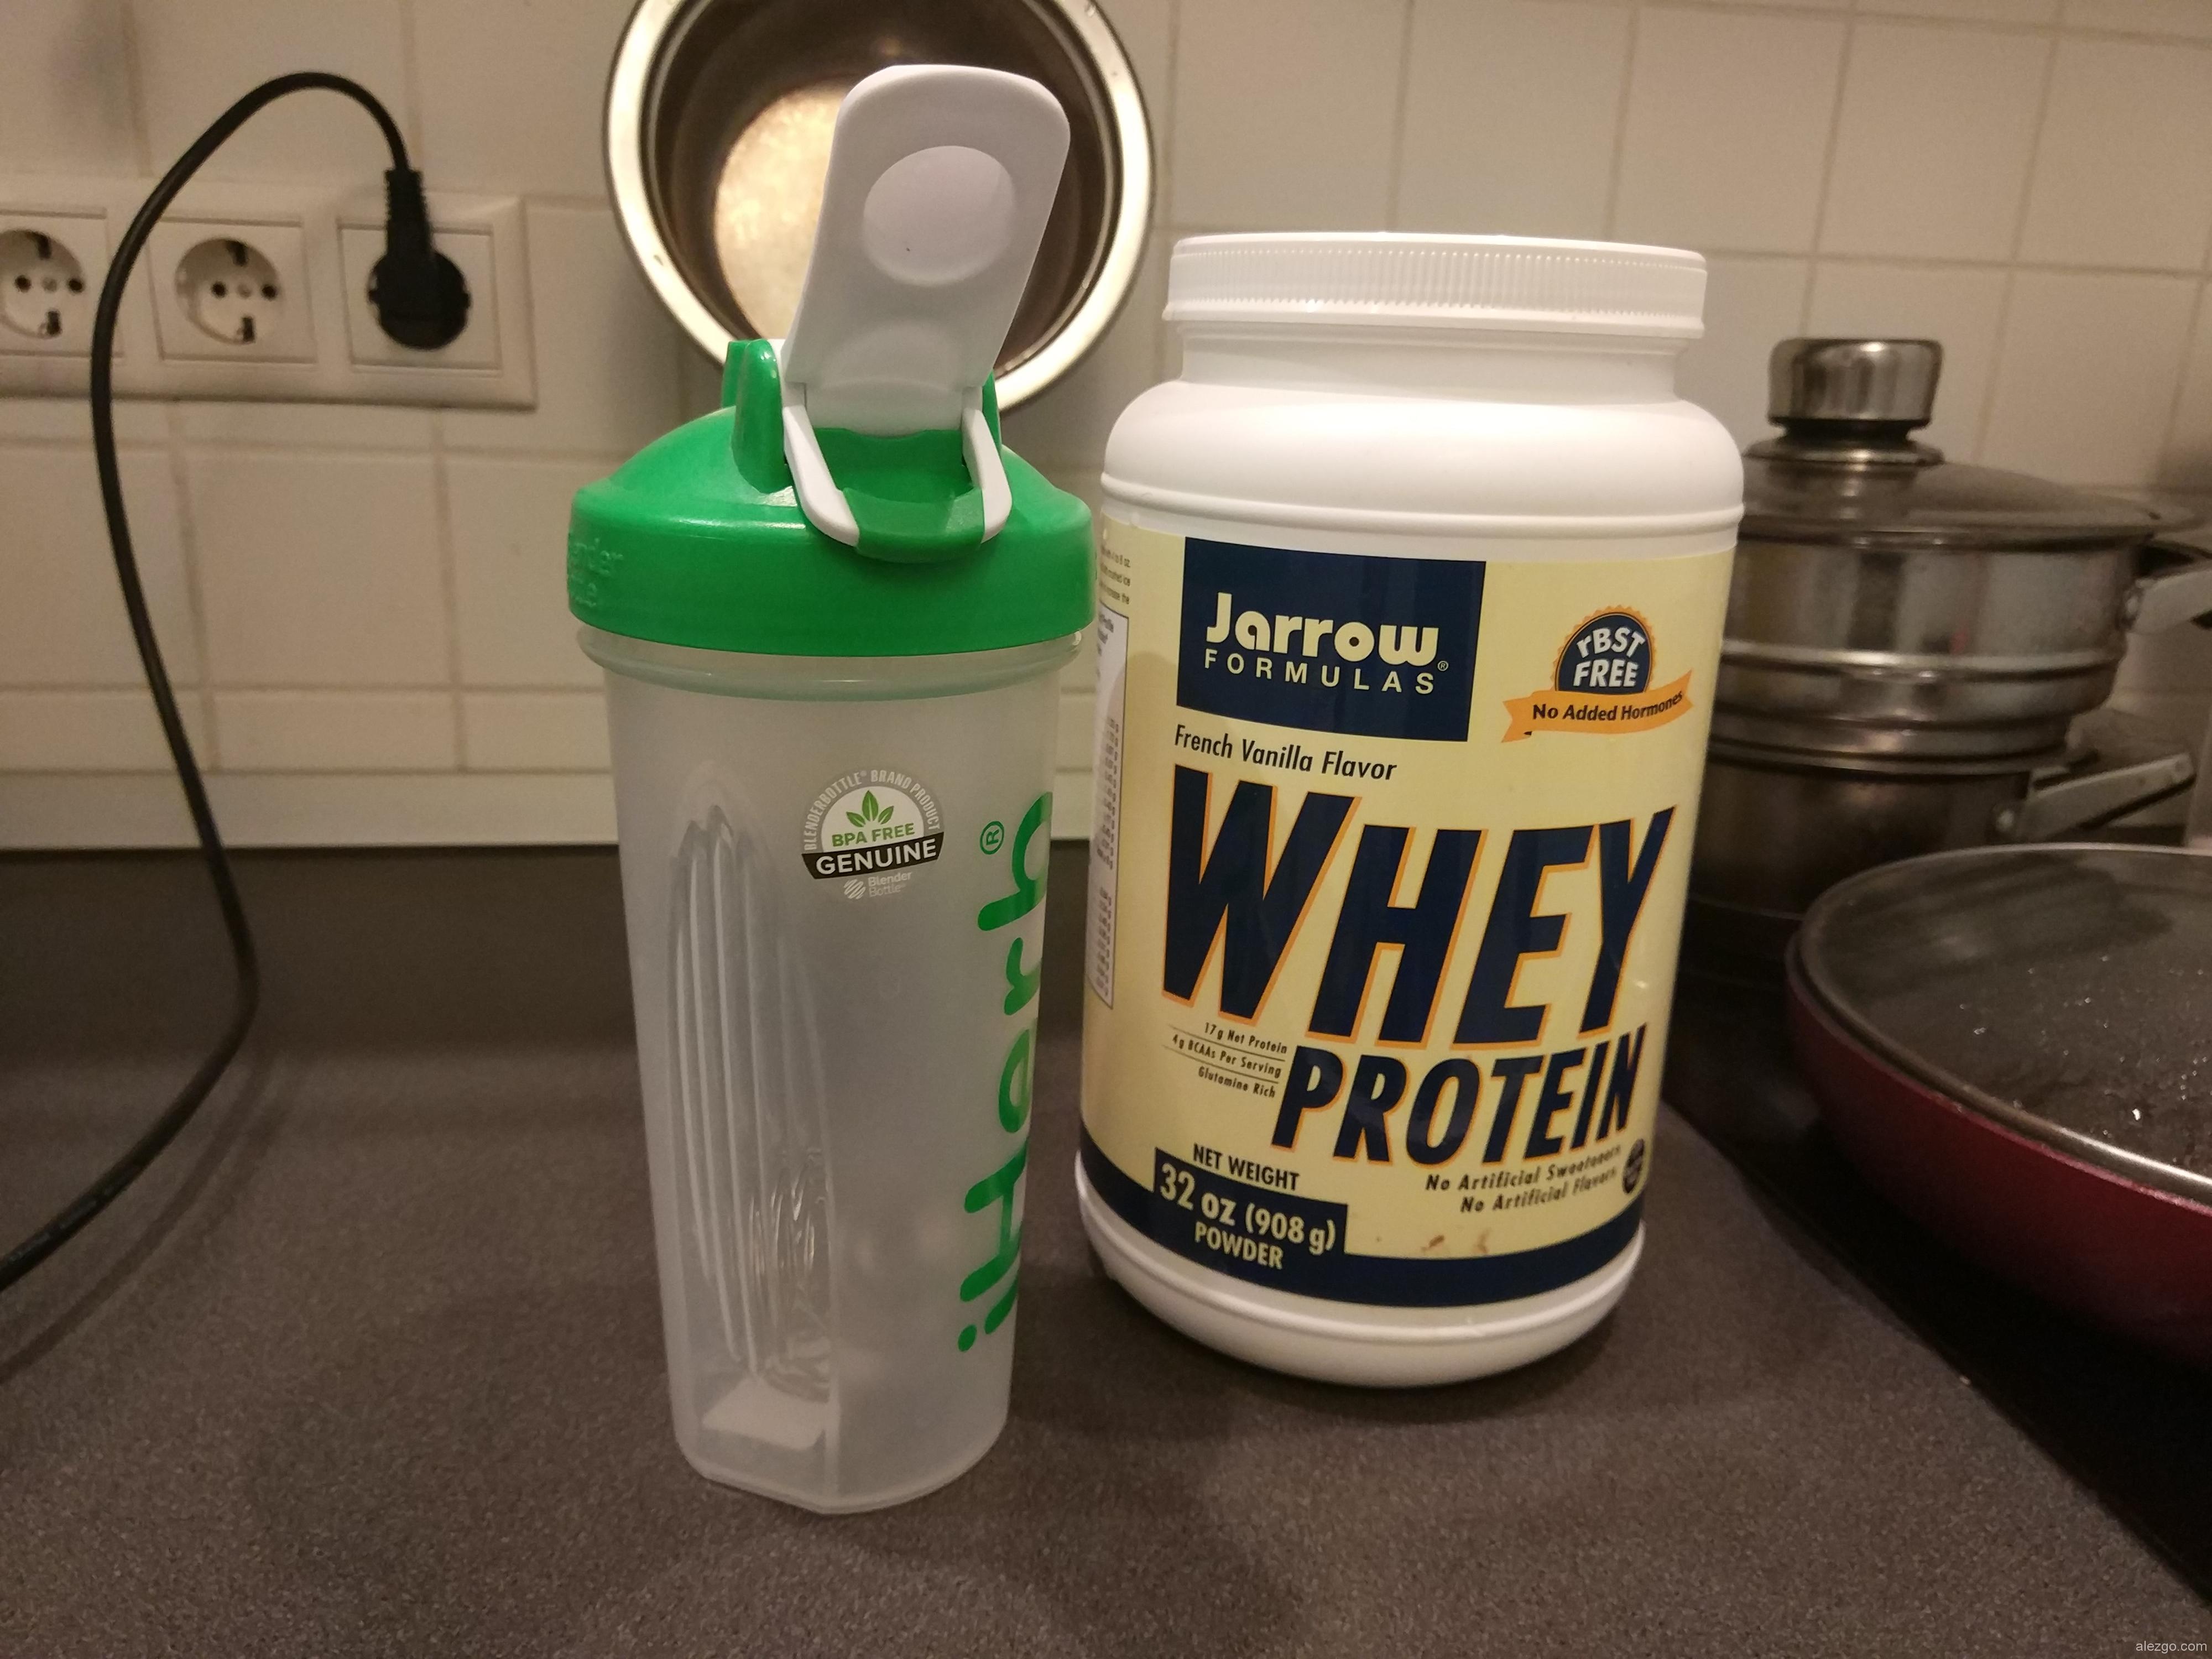 iherb протеин